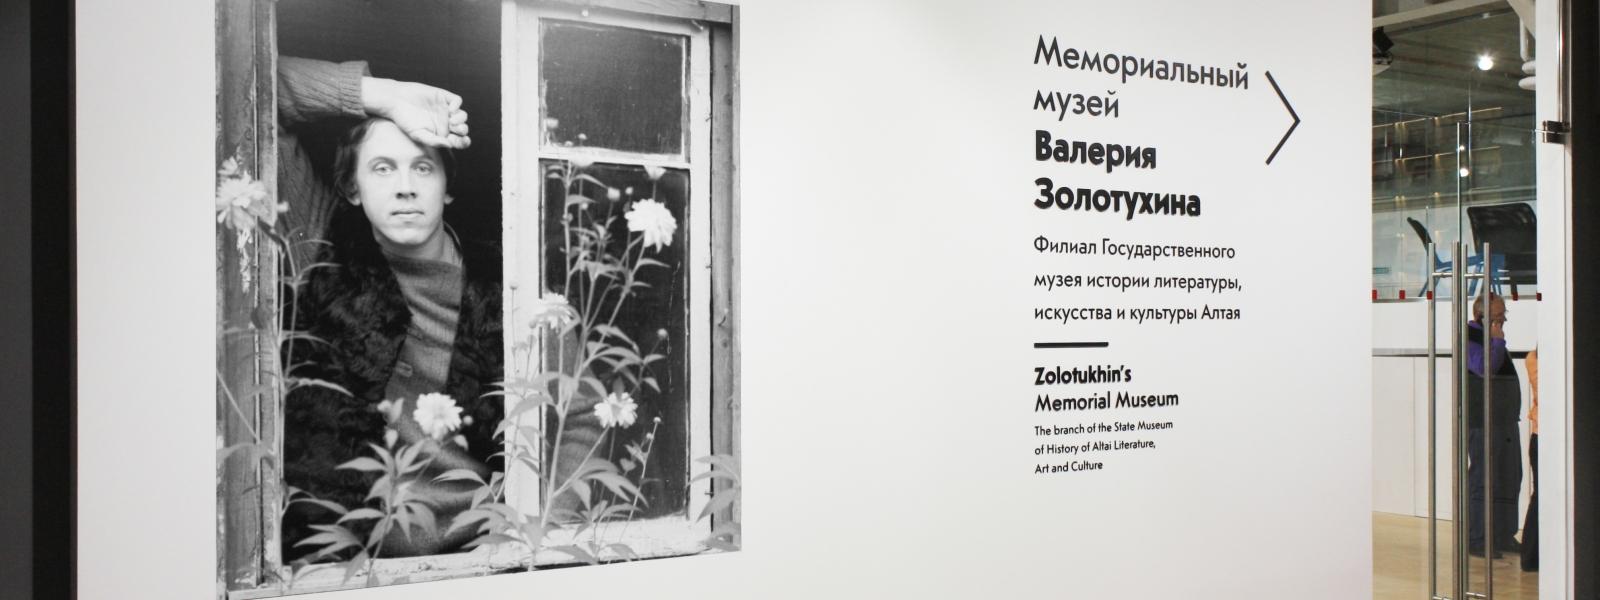 work-Мемориальный музей Валерия Золотухина в селе Быстрый Исток Алтайского края